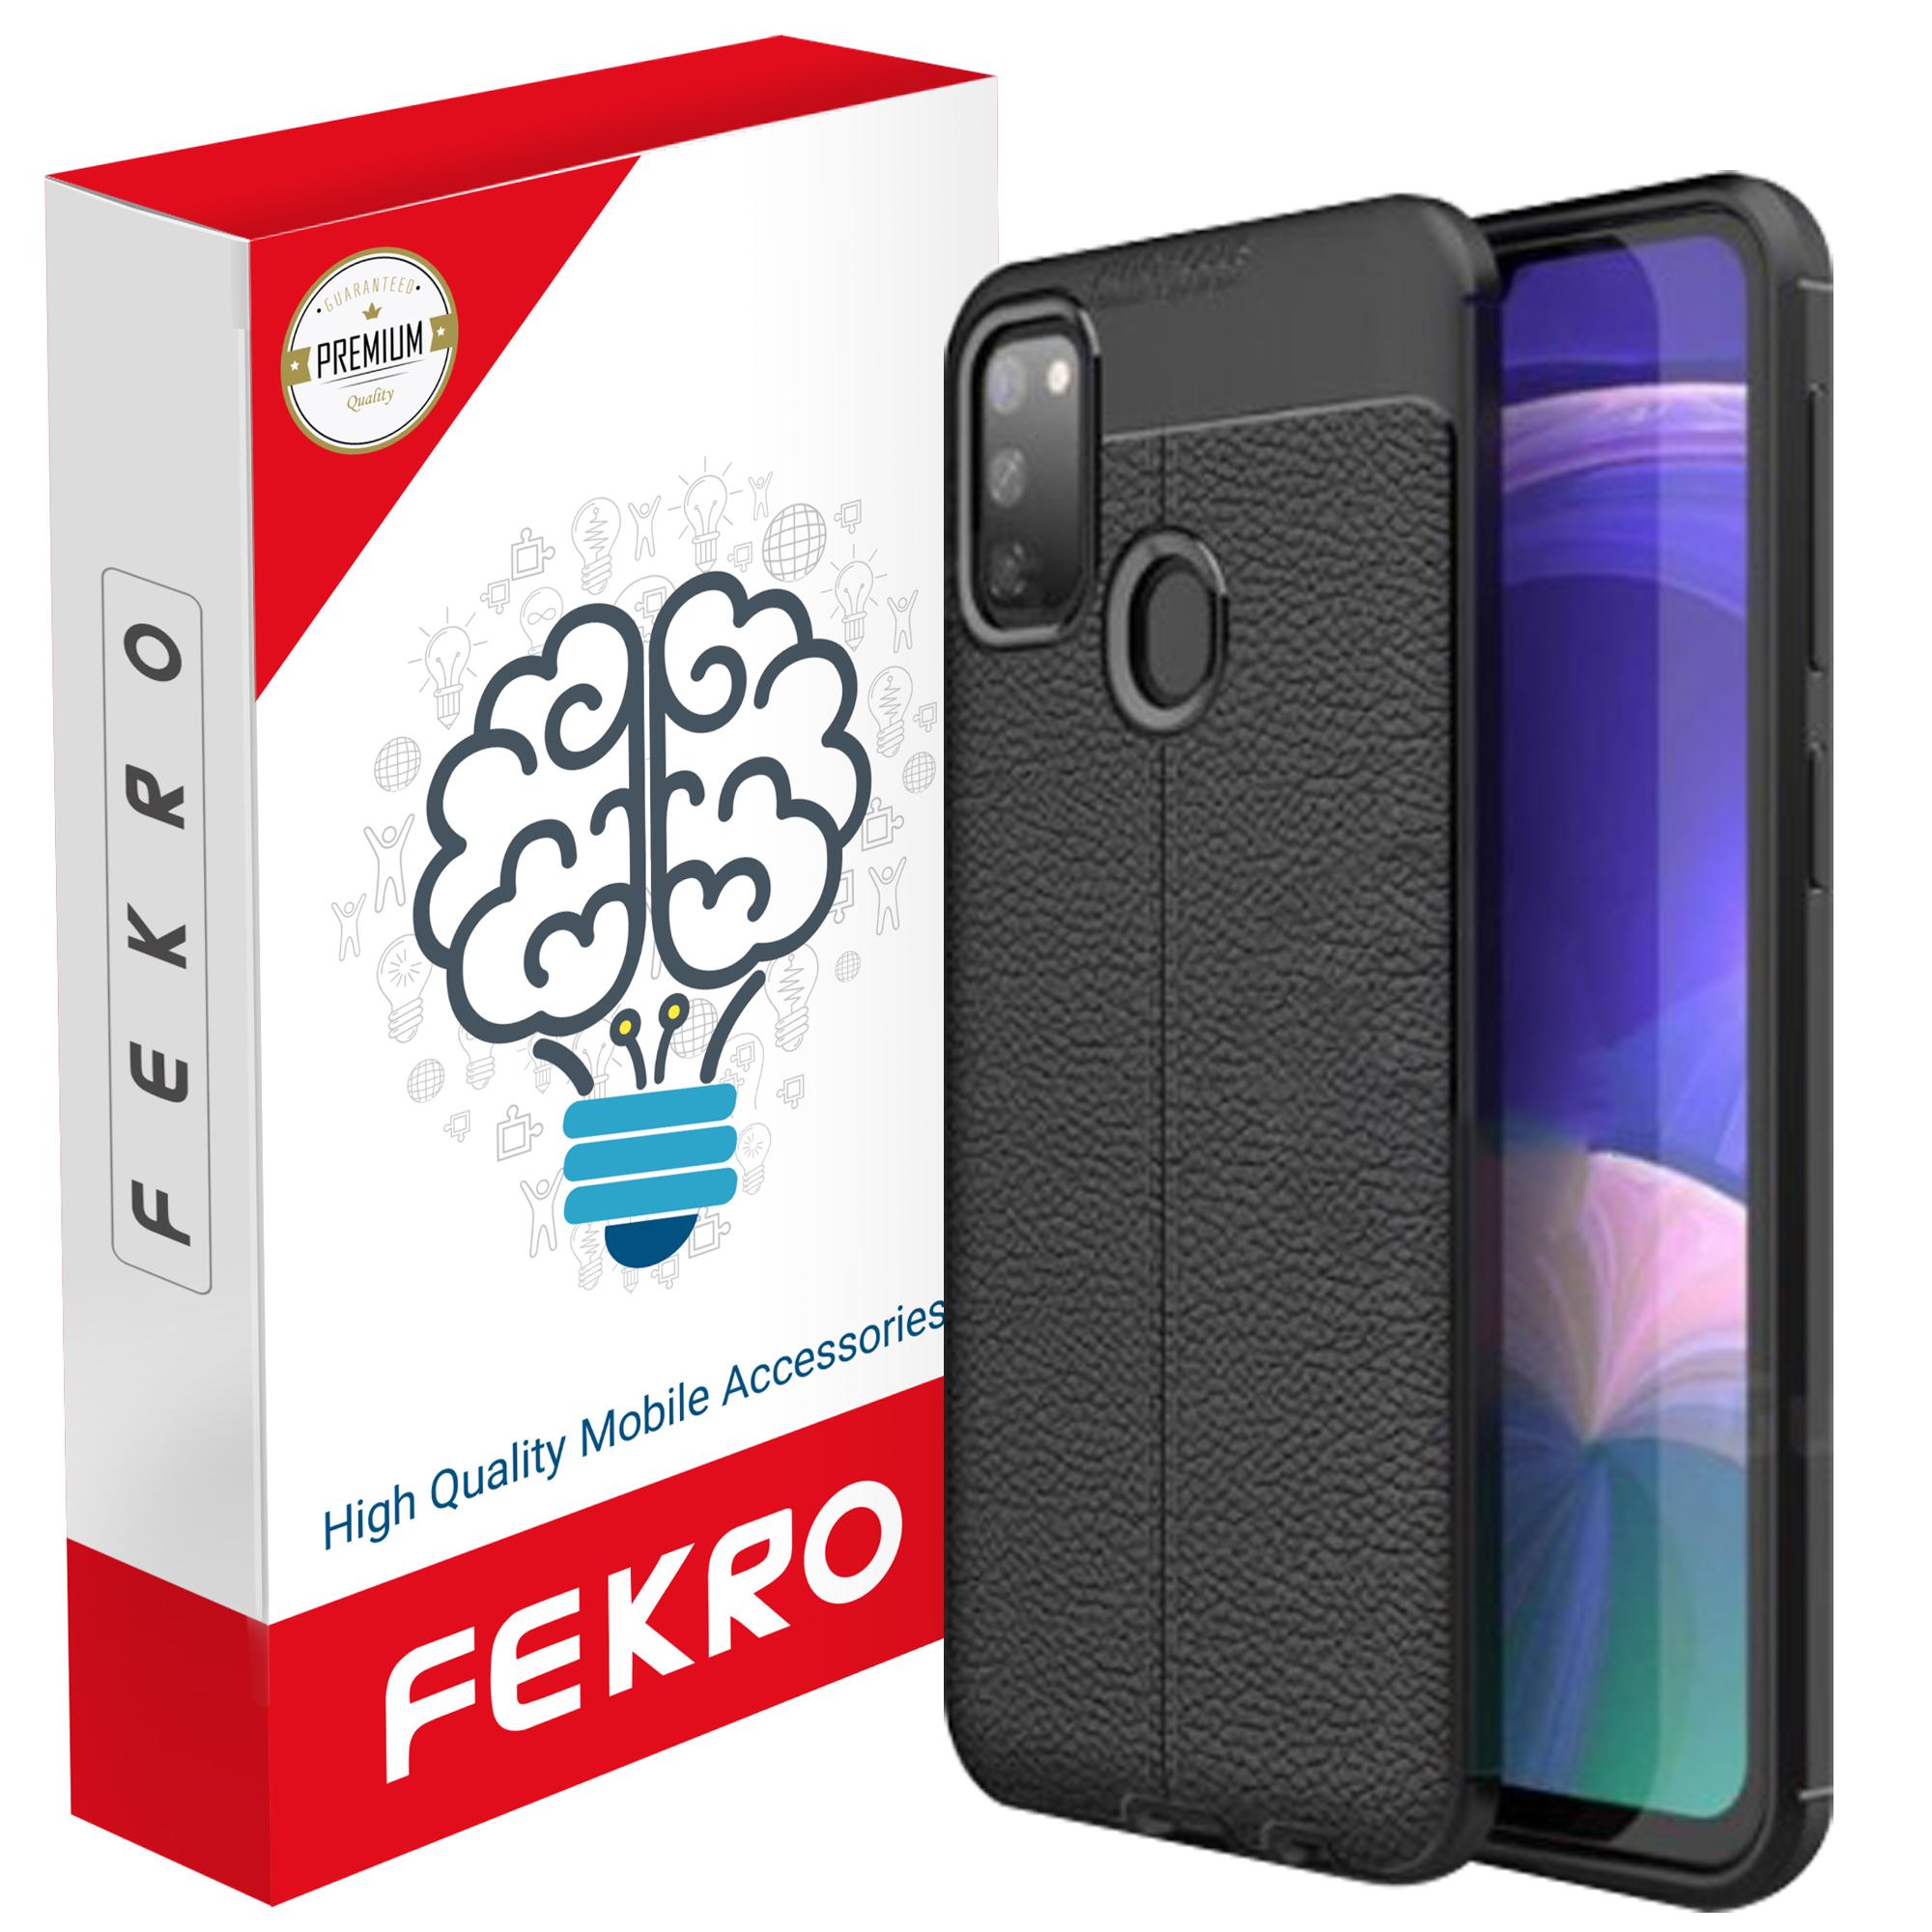 کاور فکرو مدل RX01 مناسب برای گوشی موبایل سامسونگ Galaxy M30s  در بزرگترین فروشگاه اینترنتی جنوب کشور ویزمارکت